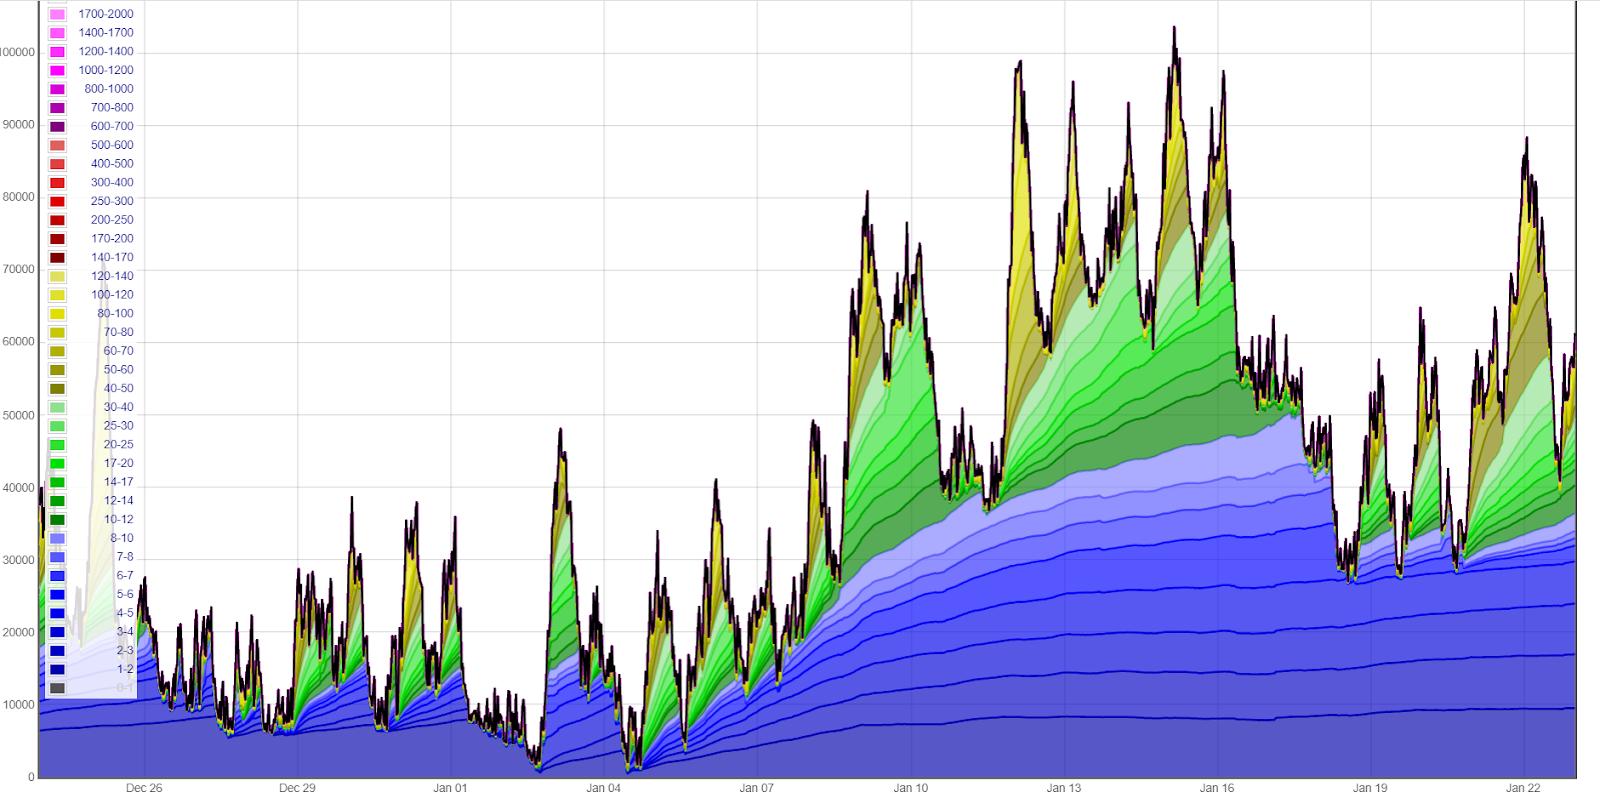 Mempool giao dịch của Bitcoin vẫn chưa được xử lí kể từ kỳ nghỉ Giáng sinh / Năm mới - tình trạng tồn đọng giao dịch và phí giao dịch trung bình đang tăng đều đặn. Nguồn biểu đồ.